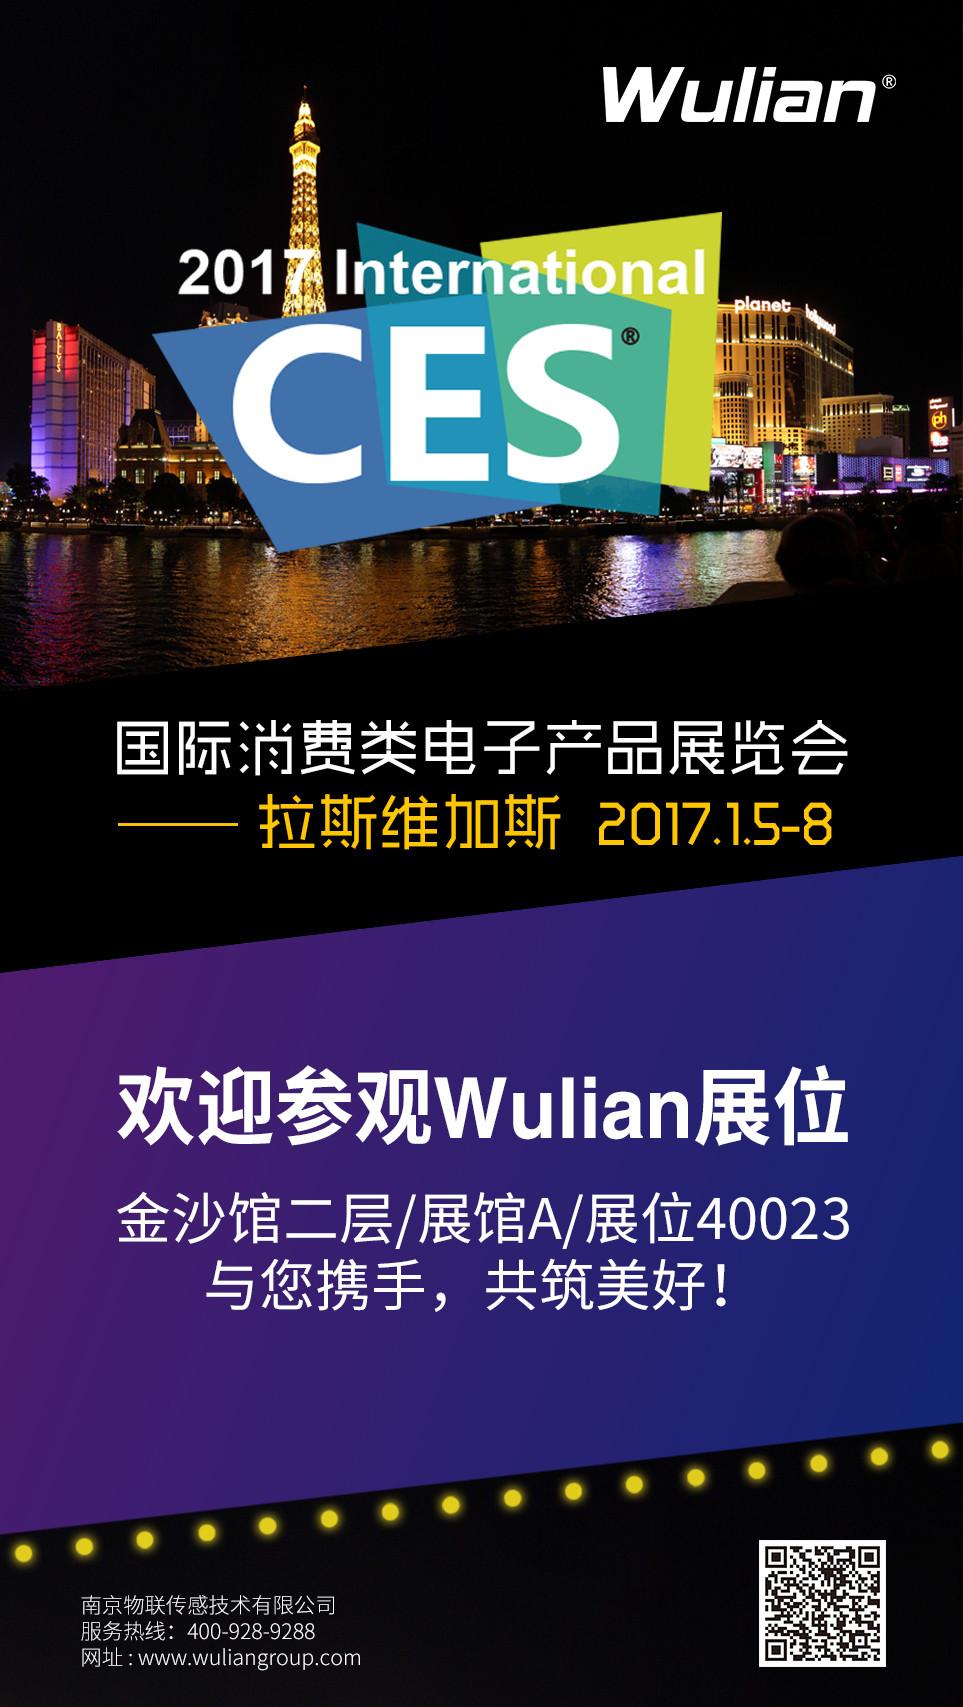 2017CES邀请函(中文).jpg